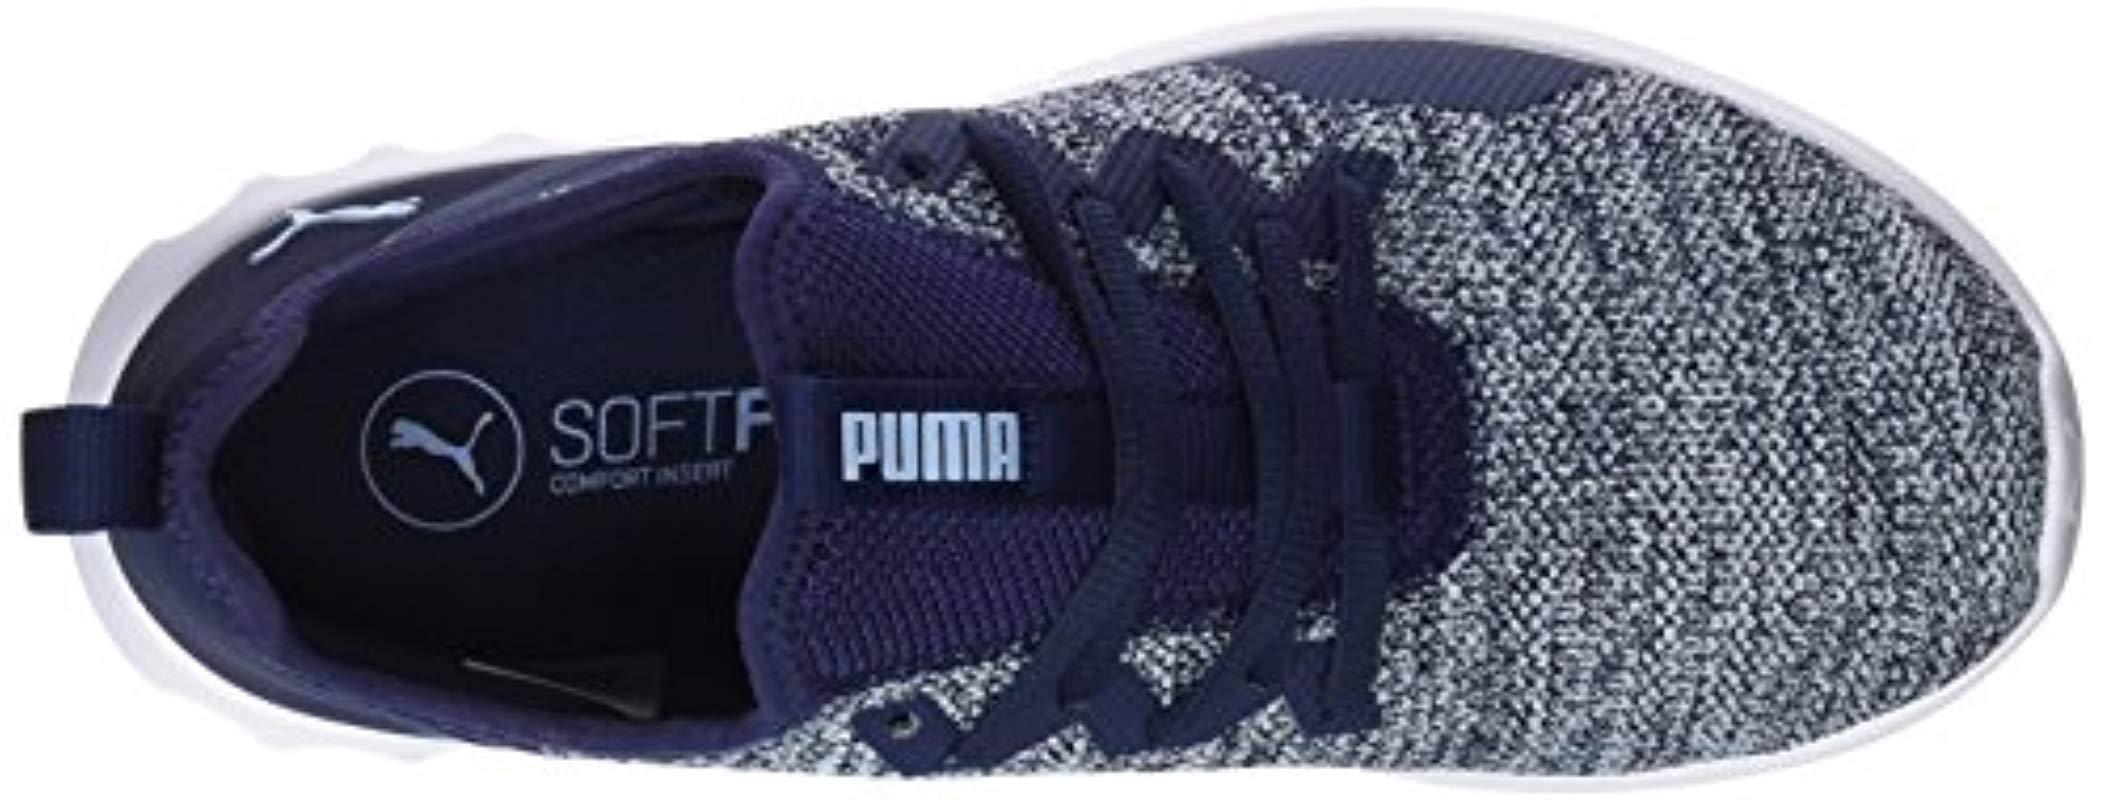 0428b2da1fde01 PUMA - Blue Carson 2 X Knit Wn s Training Shoes - Lyst. View fullscreen